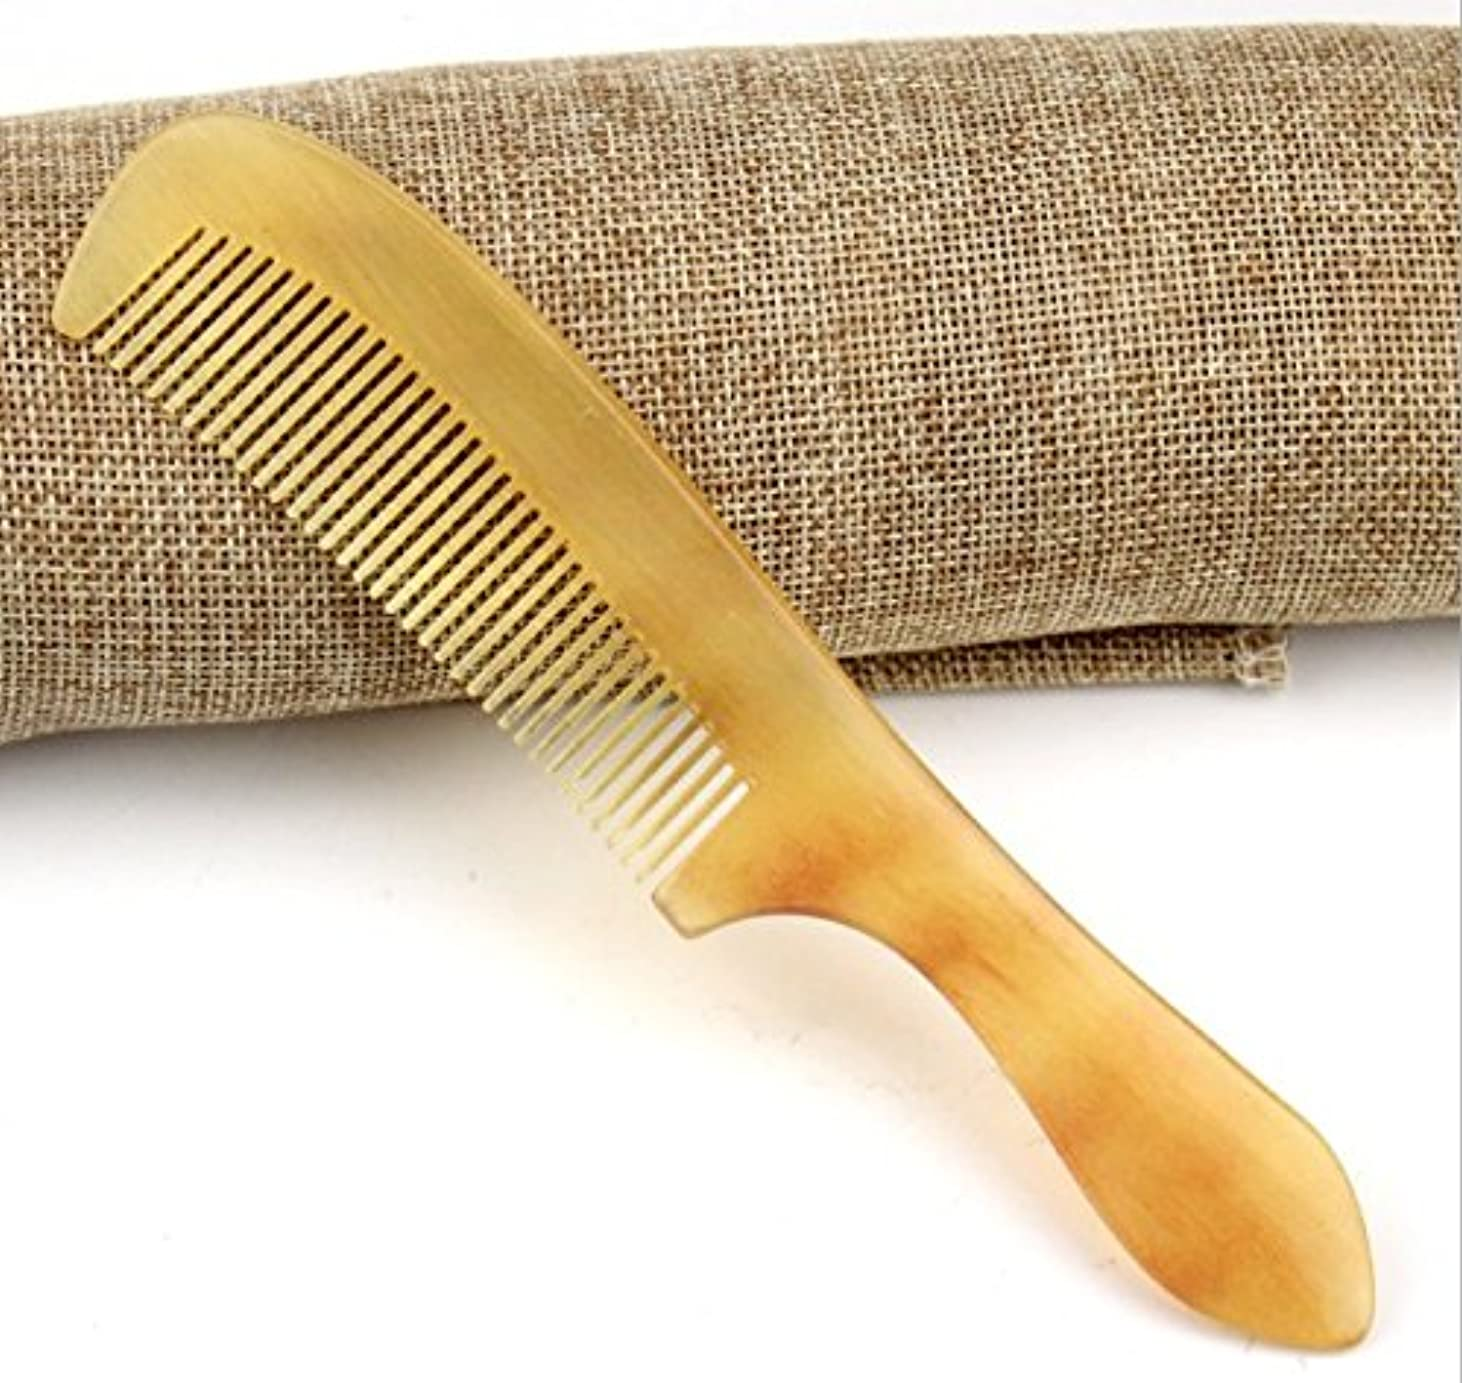 ソケット大使館コック櫛型 羊角かっさプレート マサージ用 血行改善 高級 天然 静電気 防止 美髪